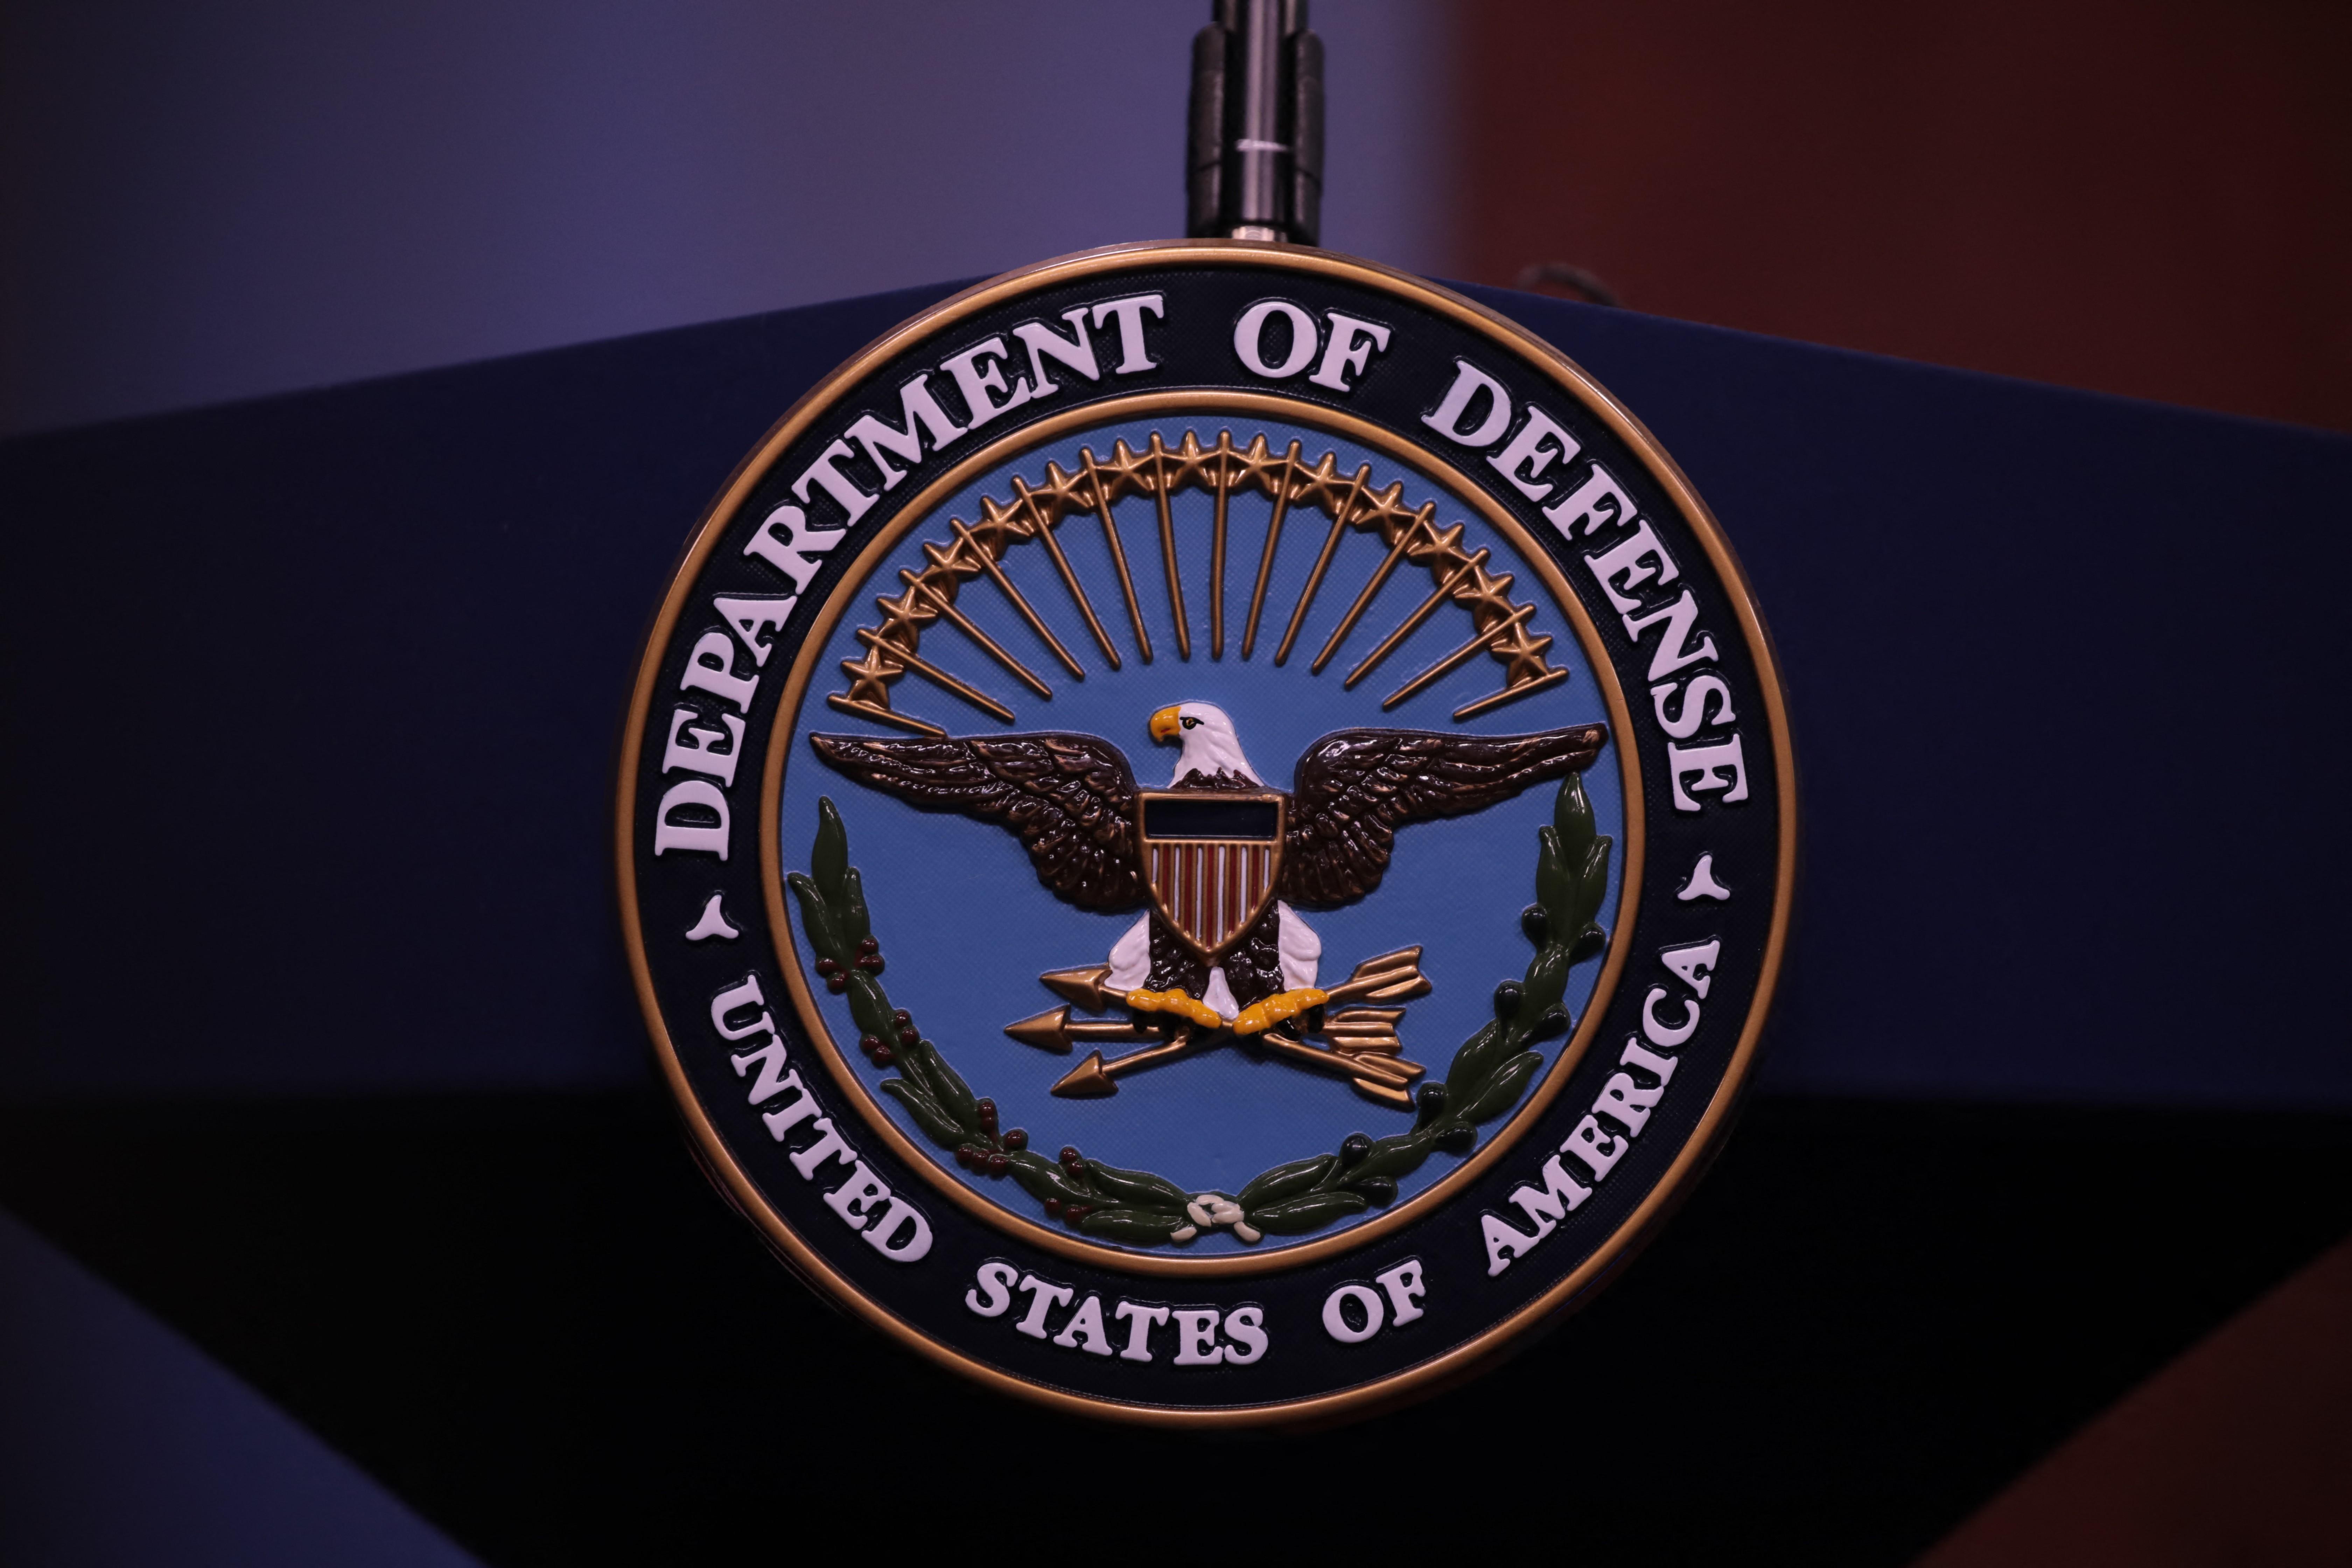 """"""";l;;gmlxzssaw"""", közölte a nukleáris fegyverek védelméért felelős amerikai kormányszerv"""